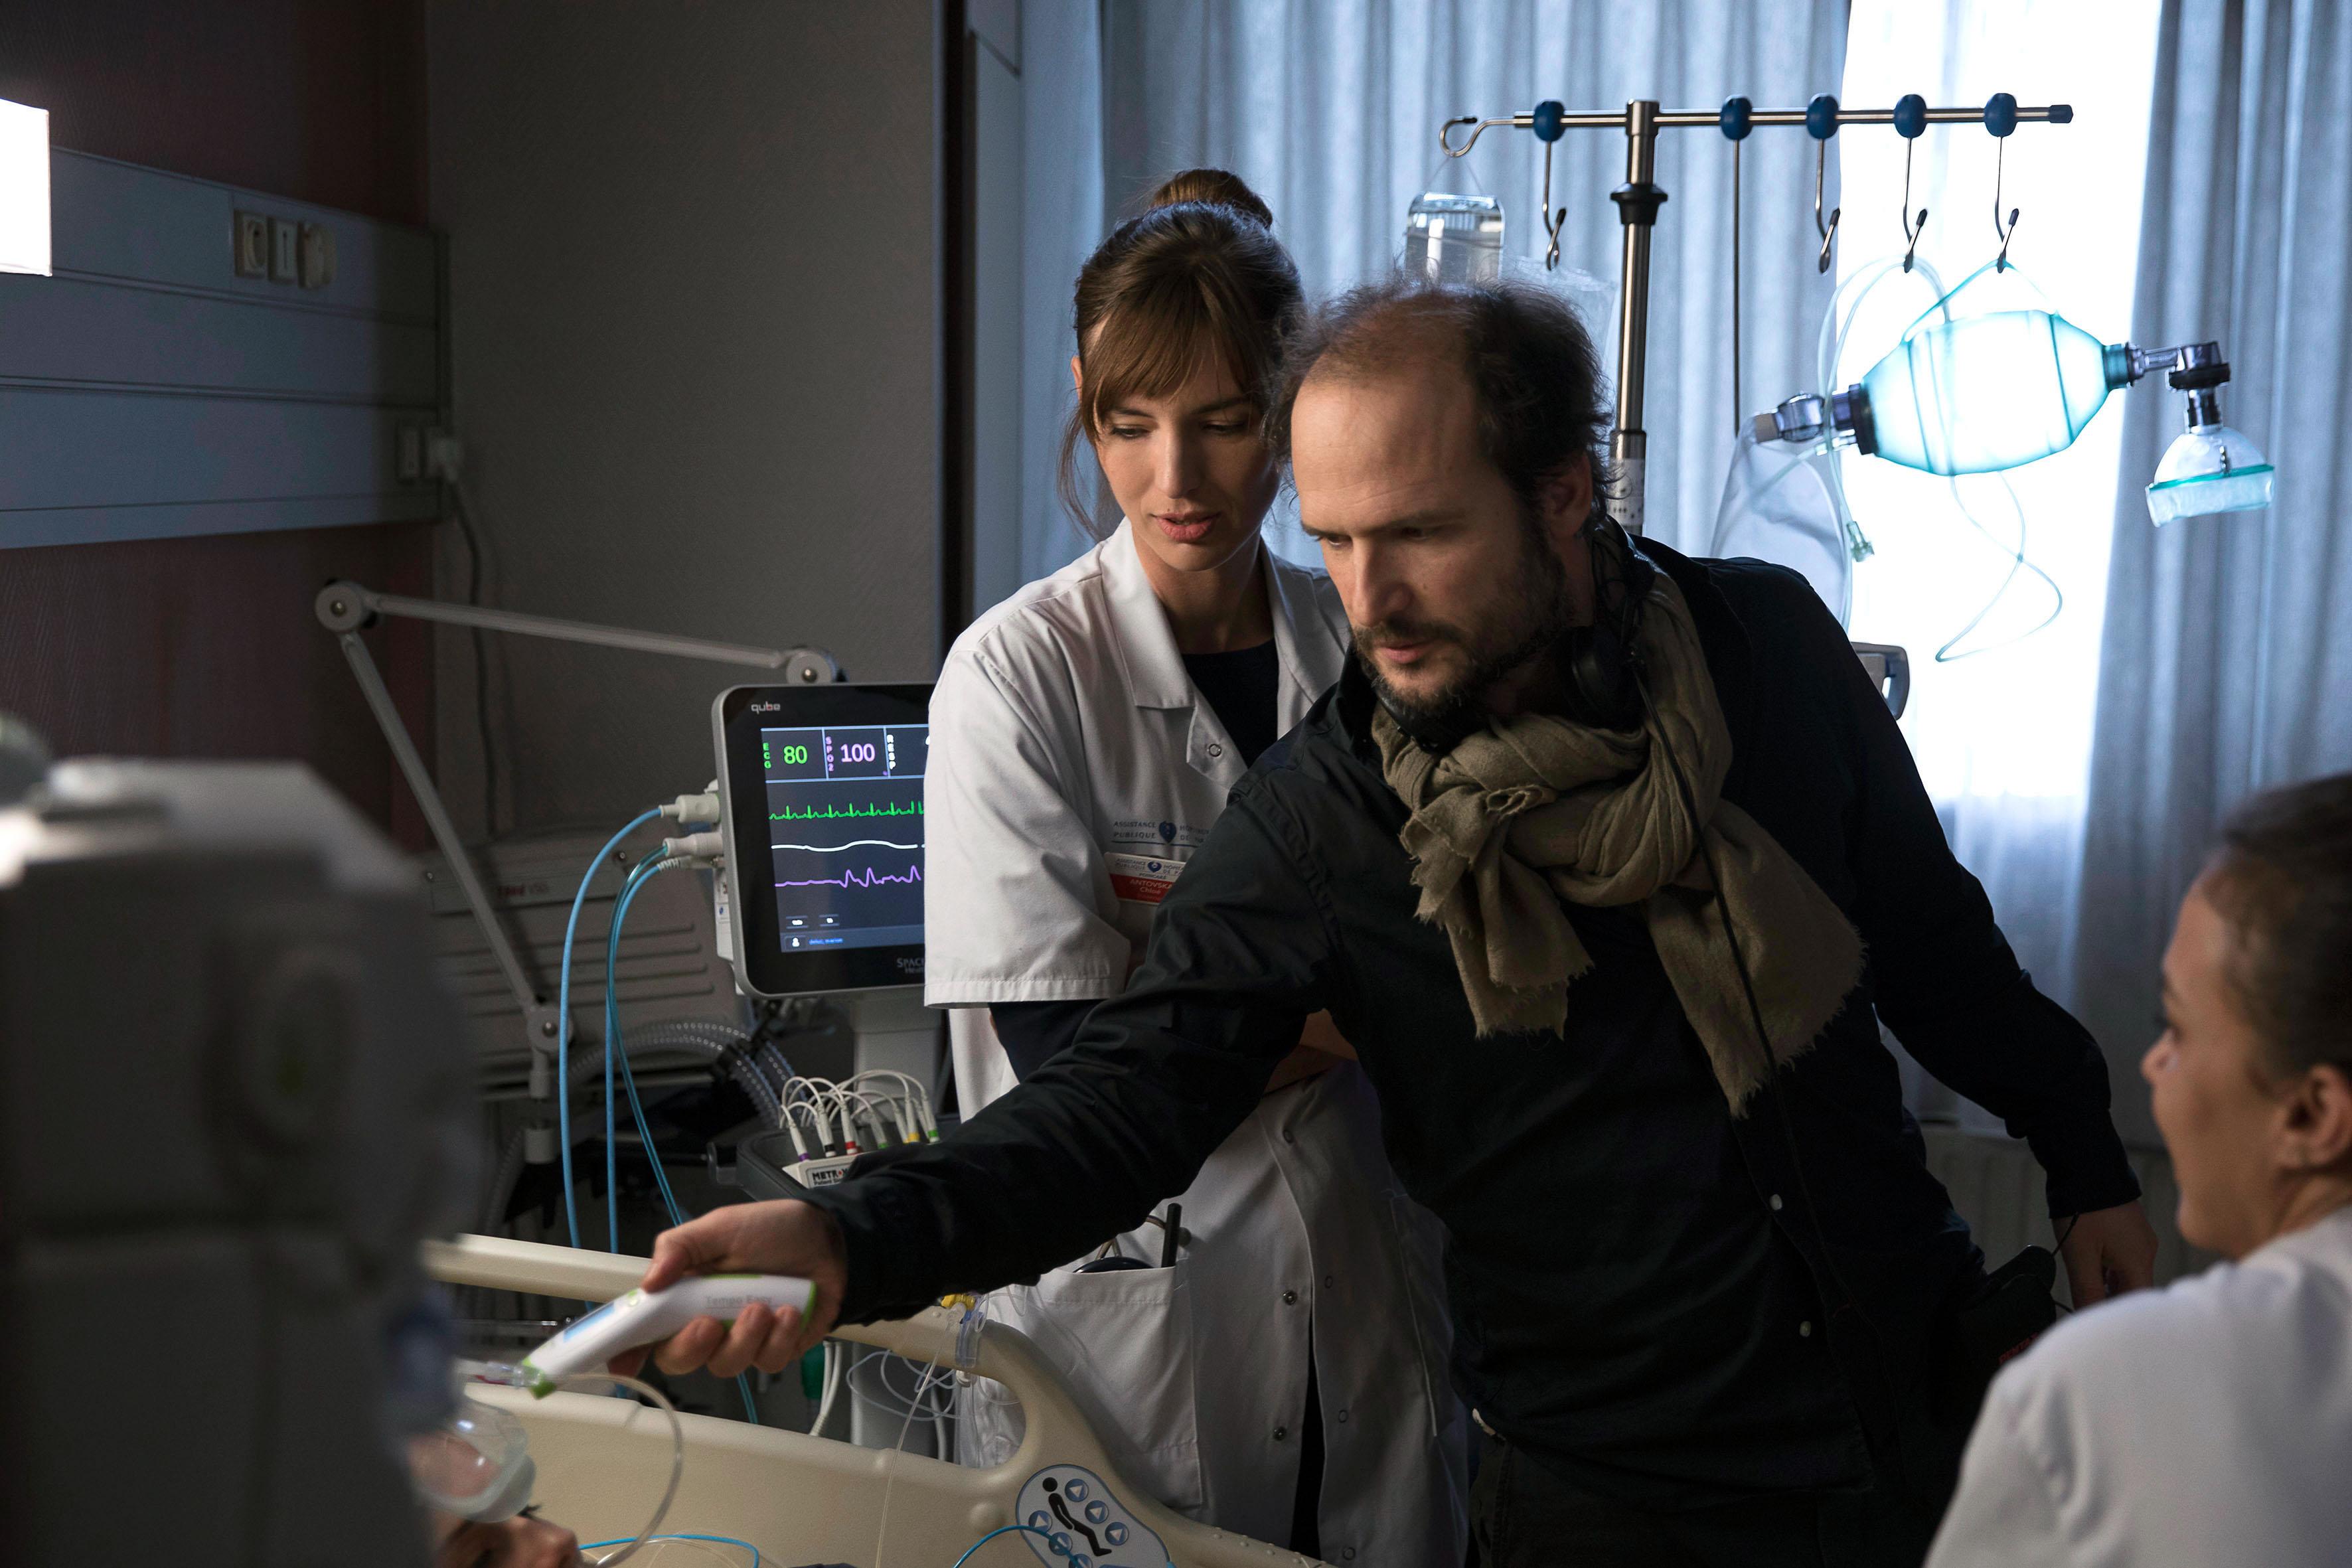 Le réalisateur de la série, Thomas Lilti, donnant des indications aux acteurs. © Denis Manin / 31 Juin Films / Canal+